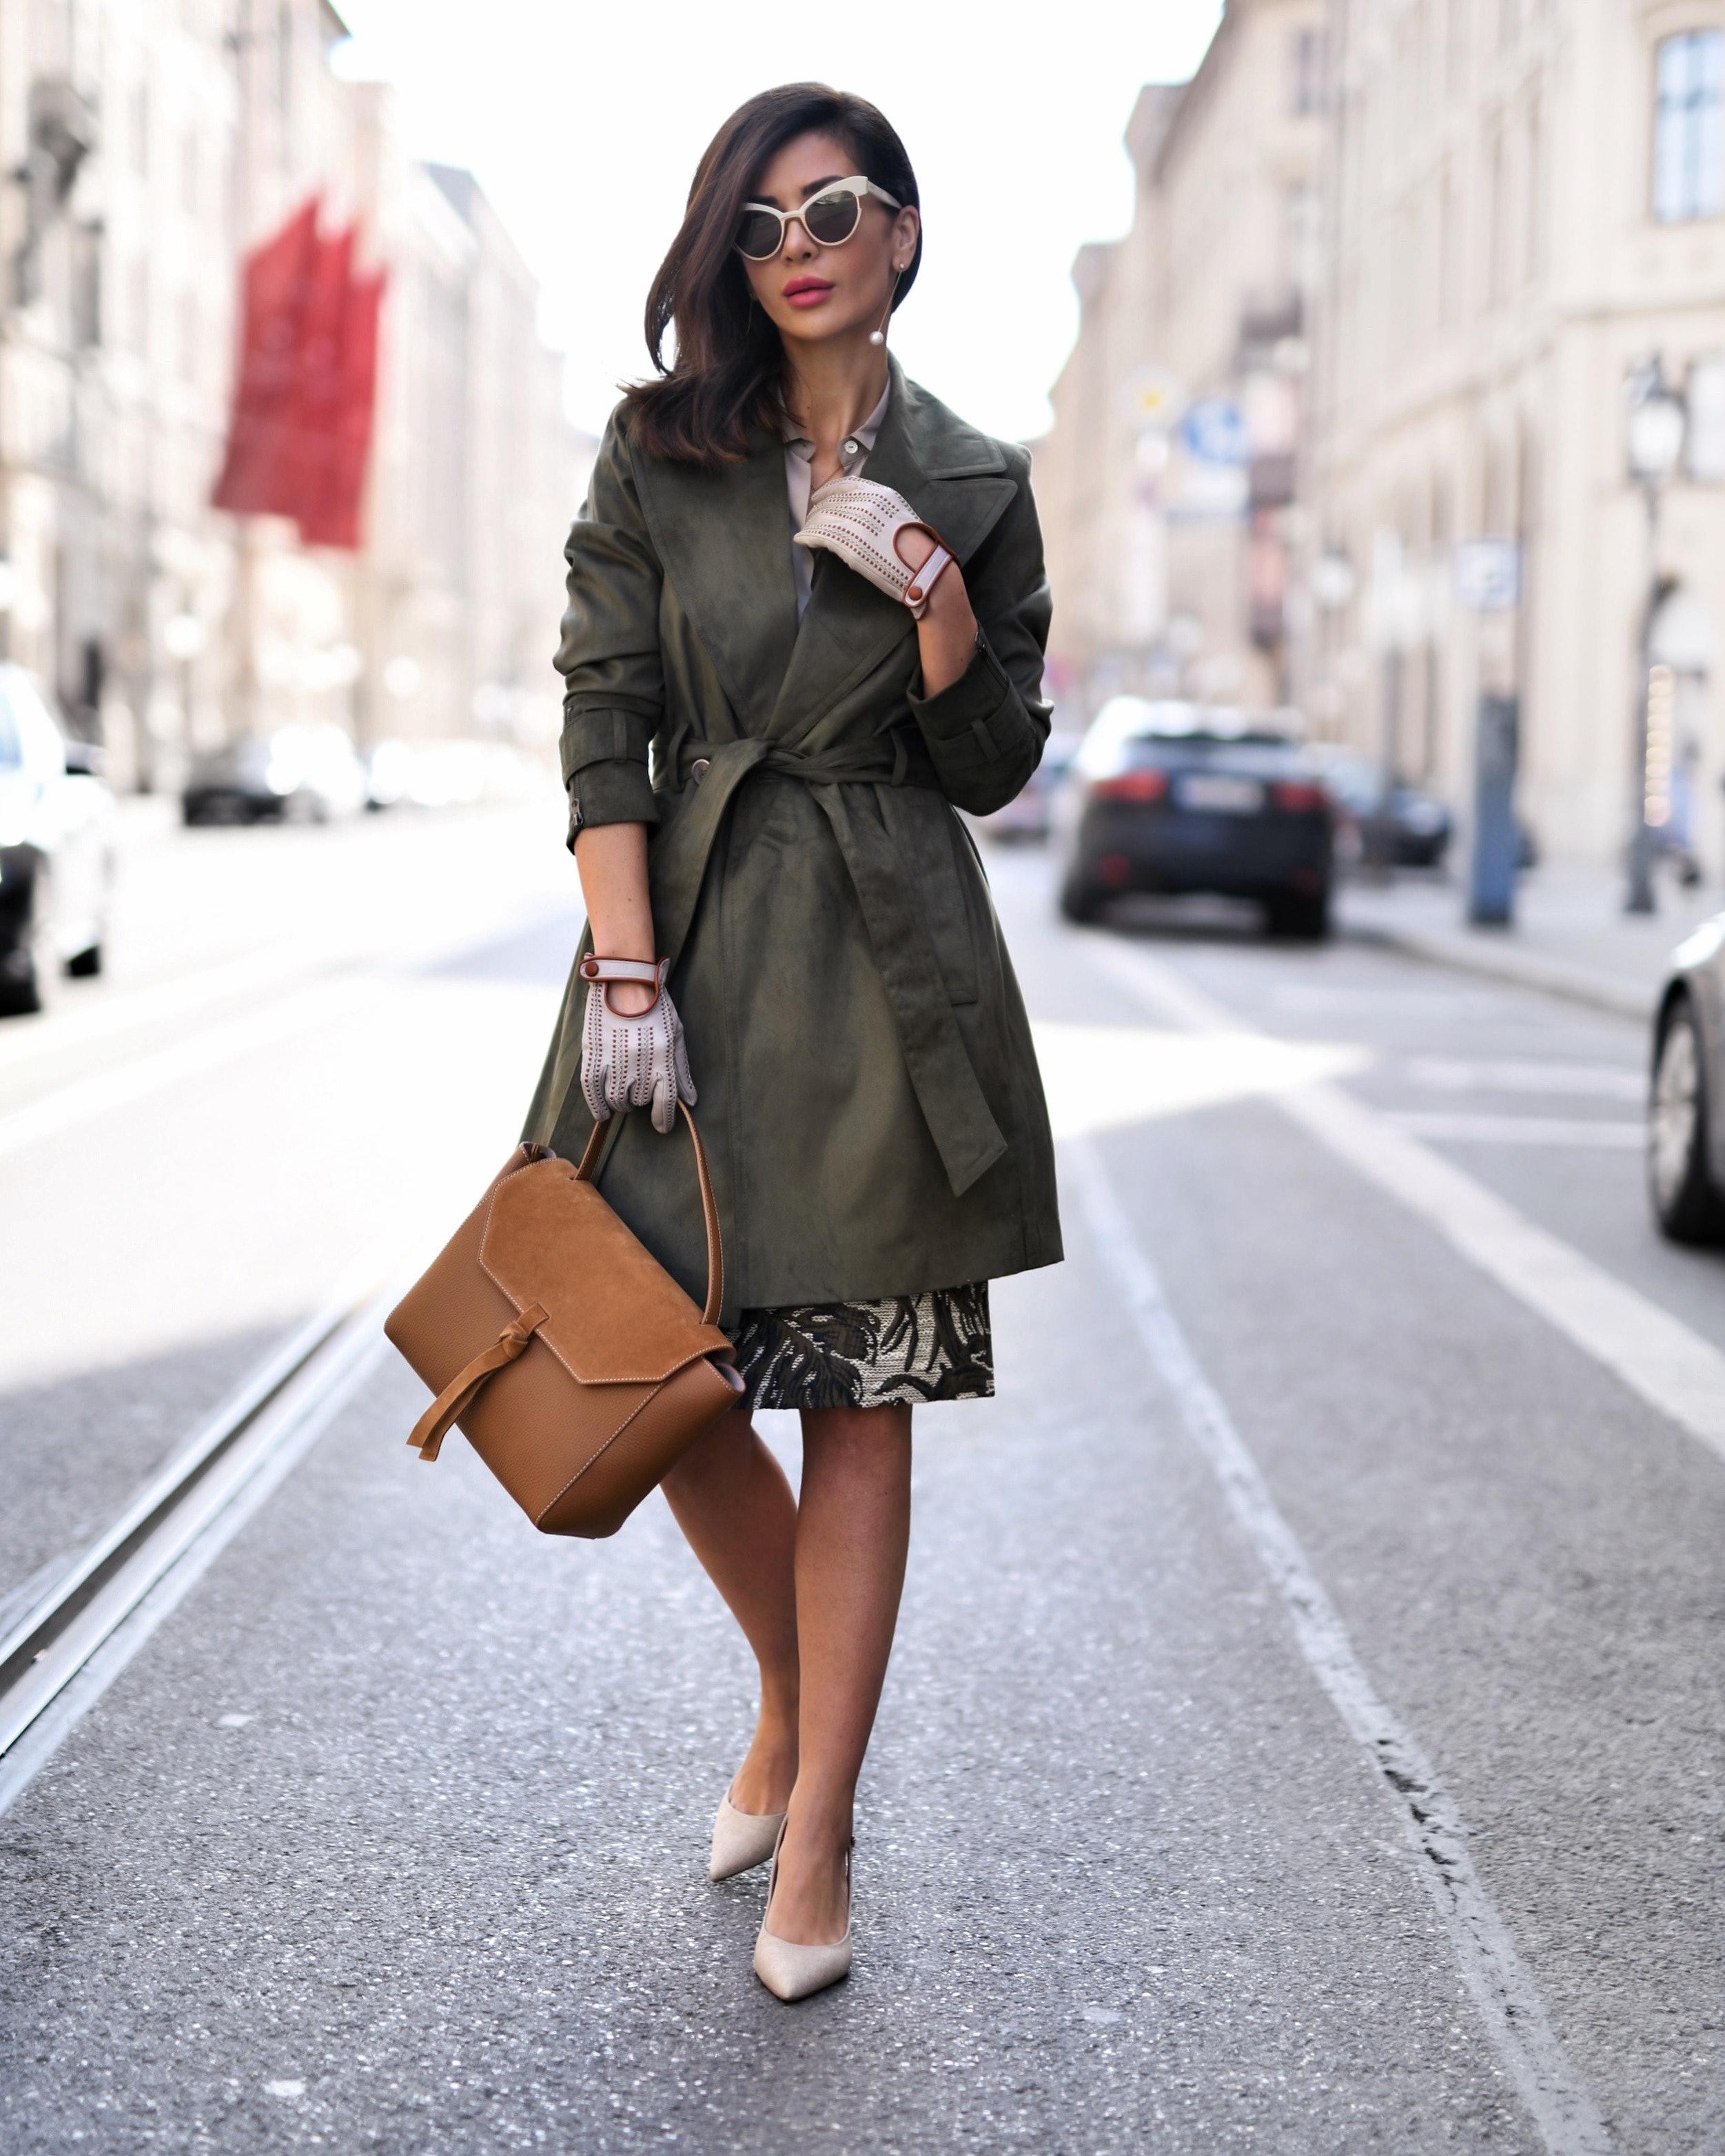 Modebloggerin Füsun Lindner auf der Straße im angesagten Handschuh-Look